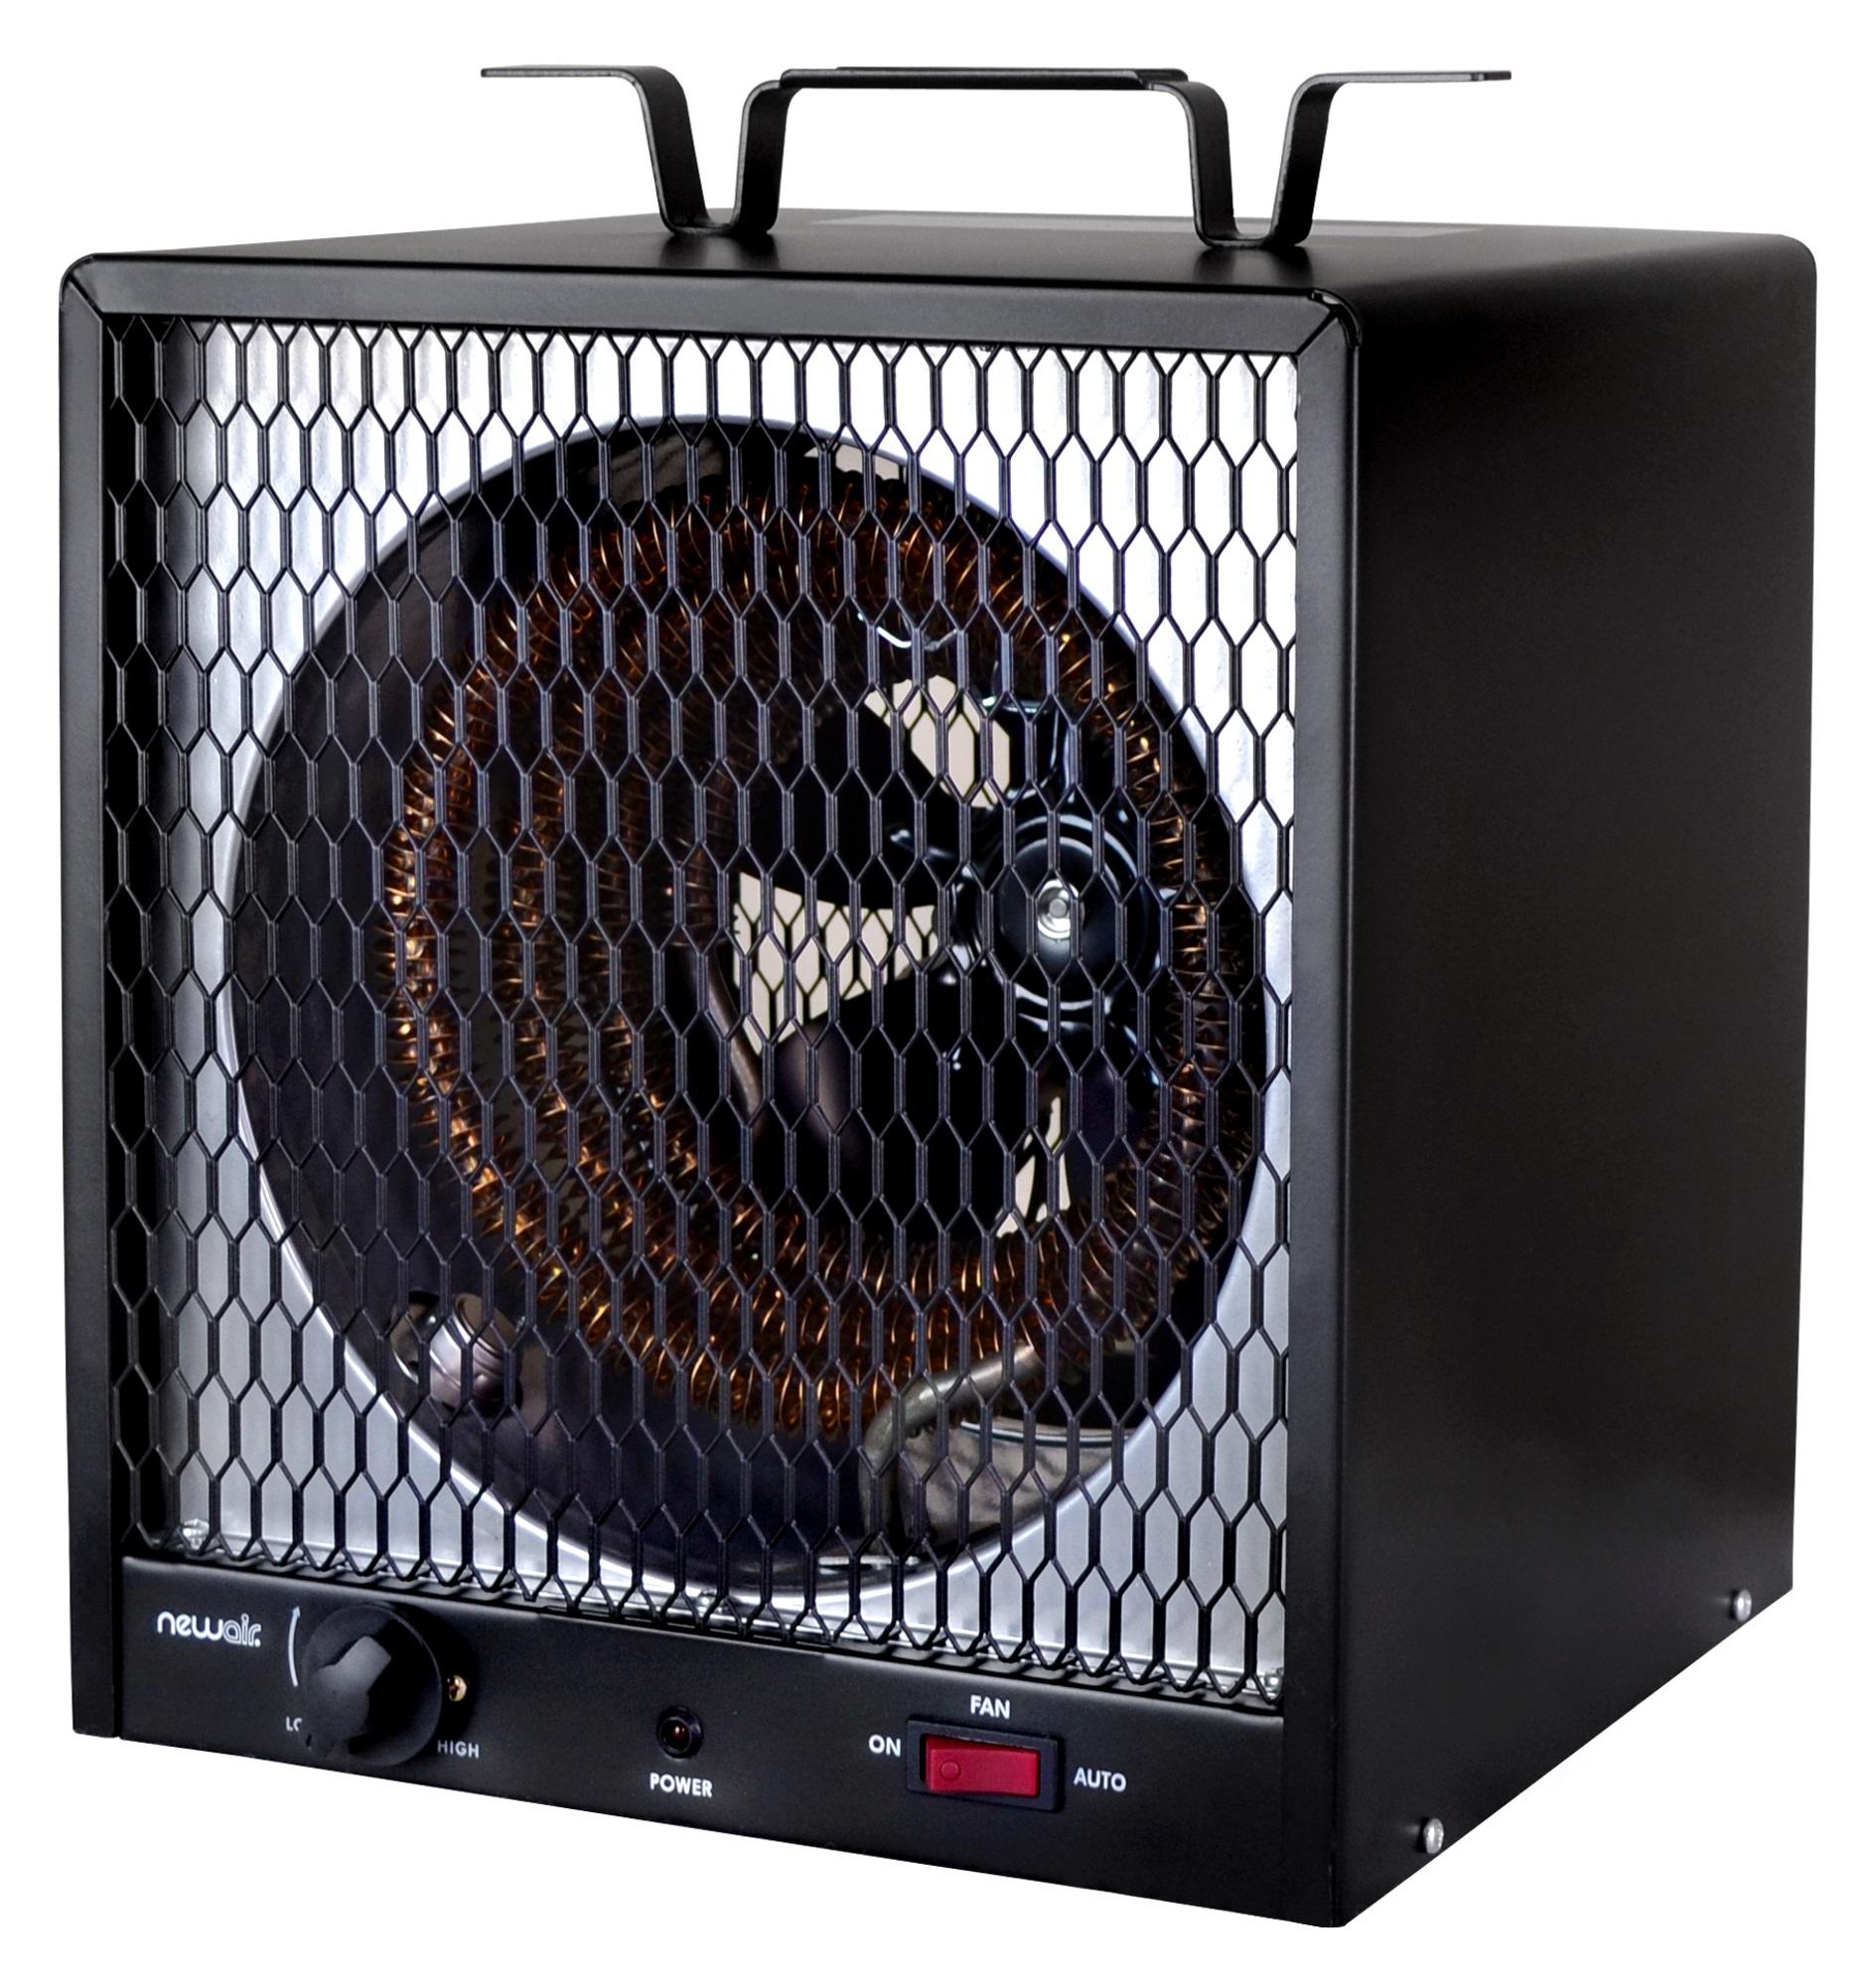 Open Box NewAir G56 Garage Heater | 800 Sq. Ft. Portable ...